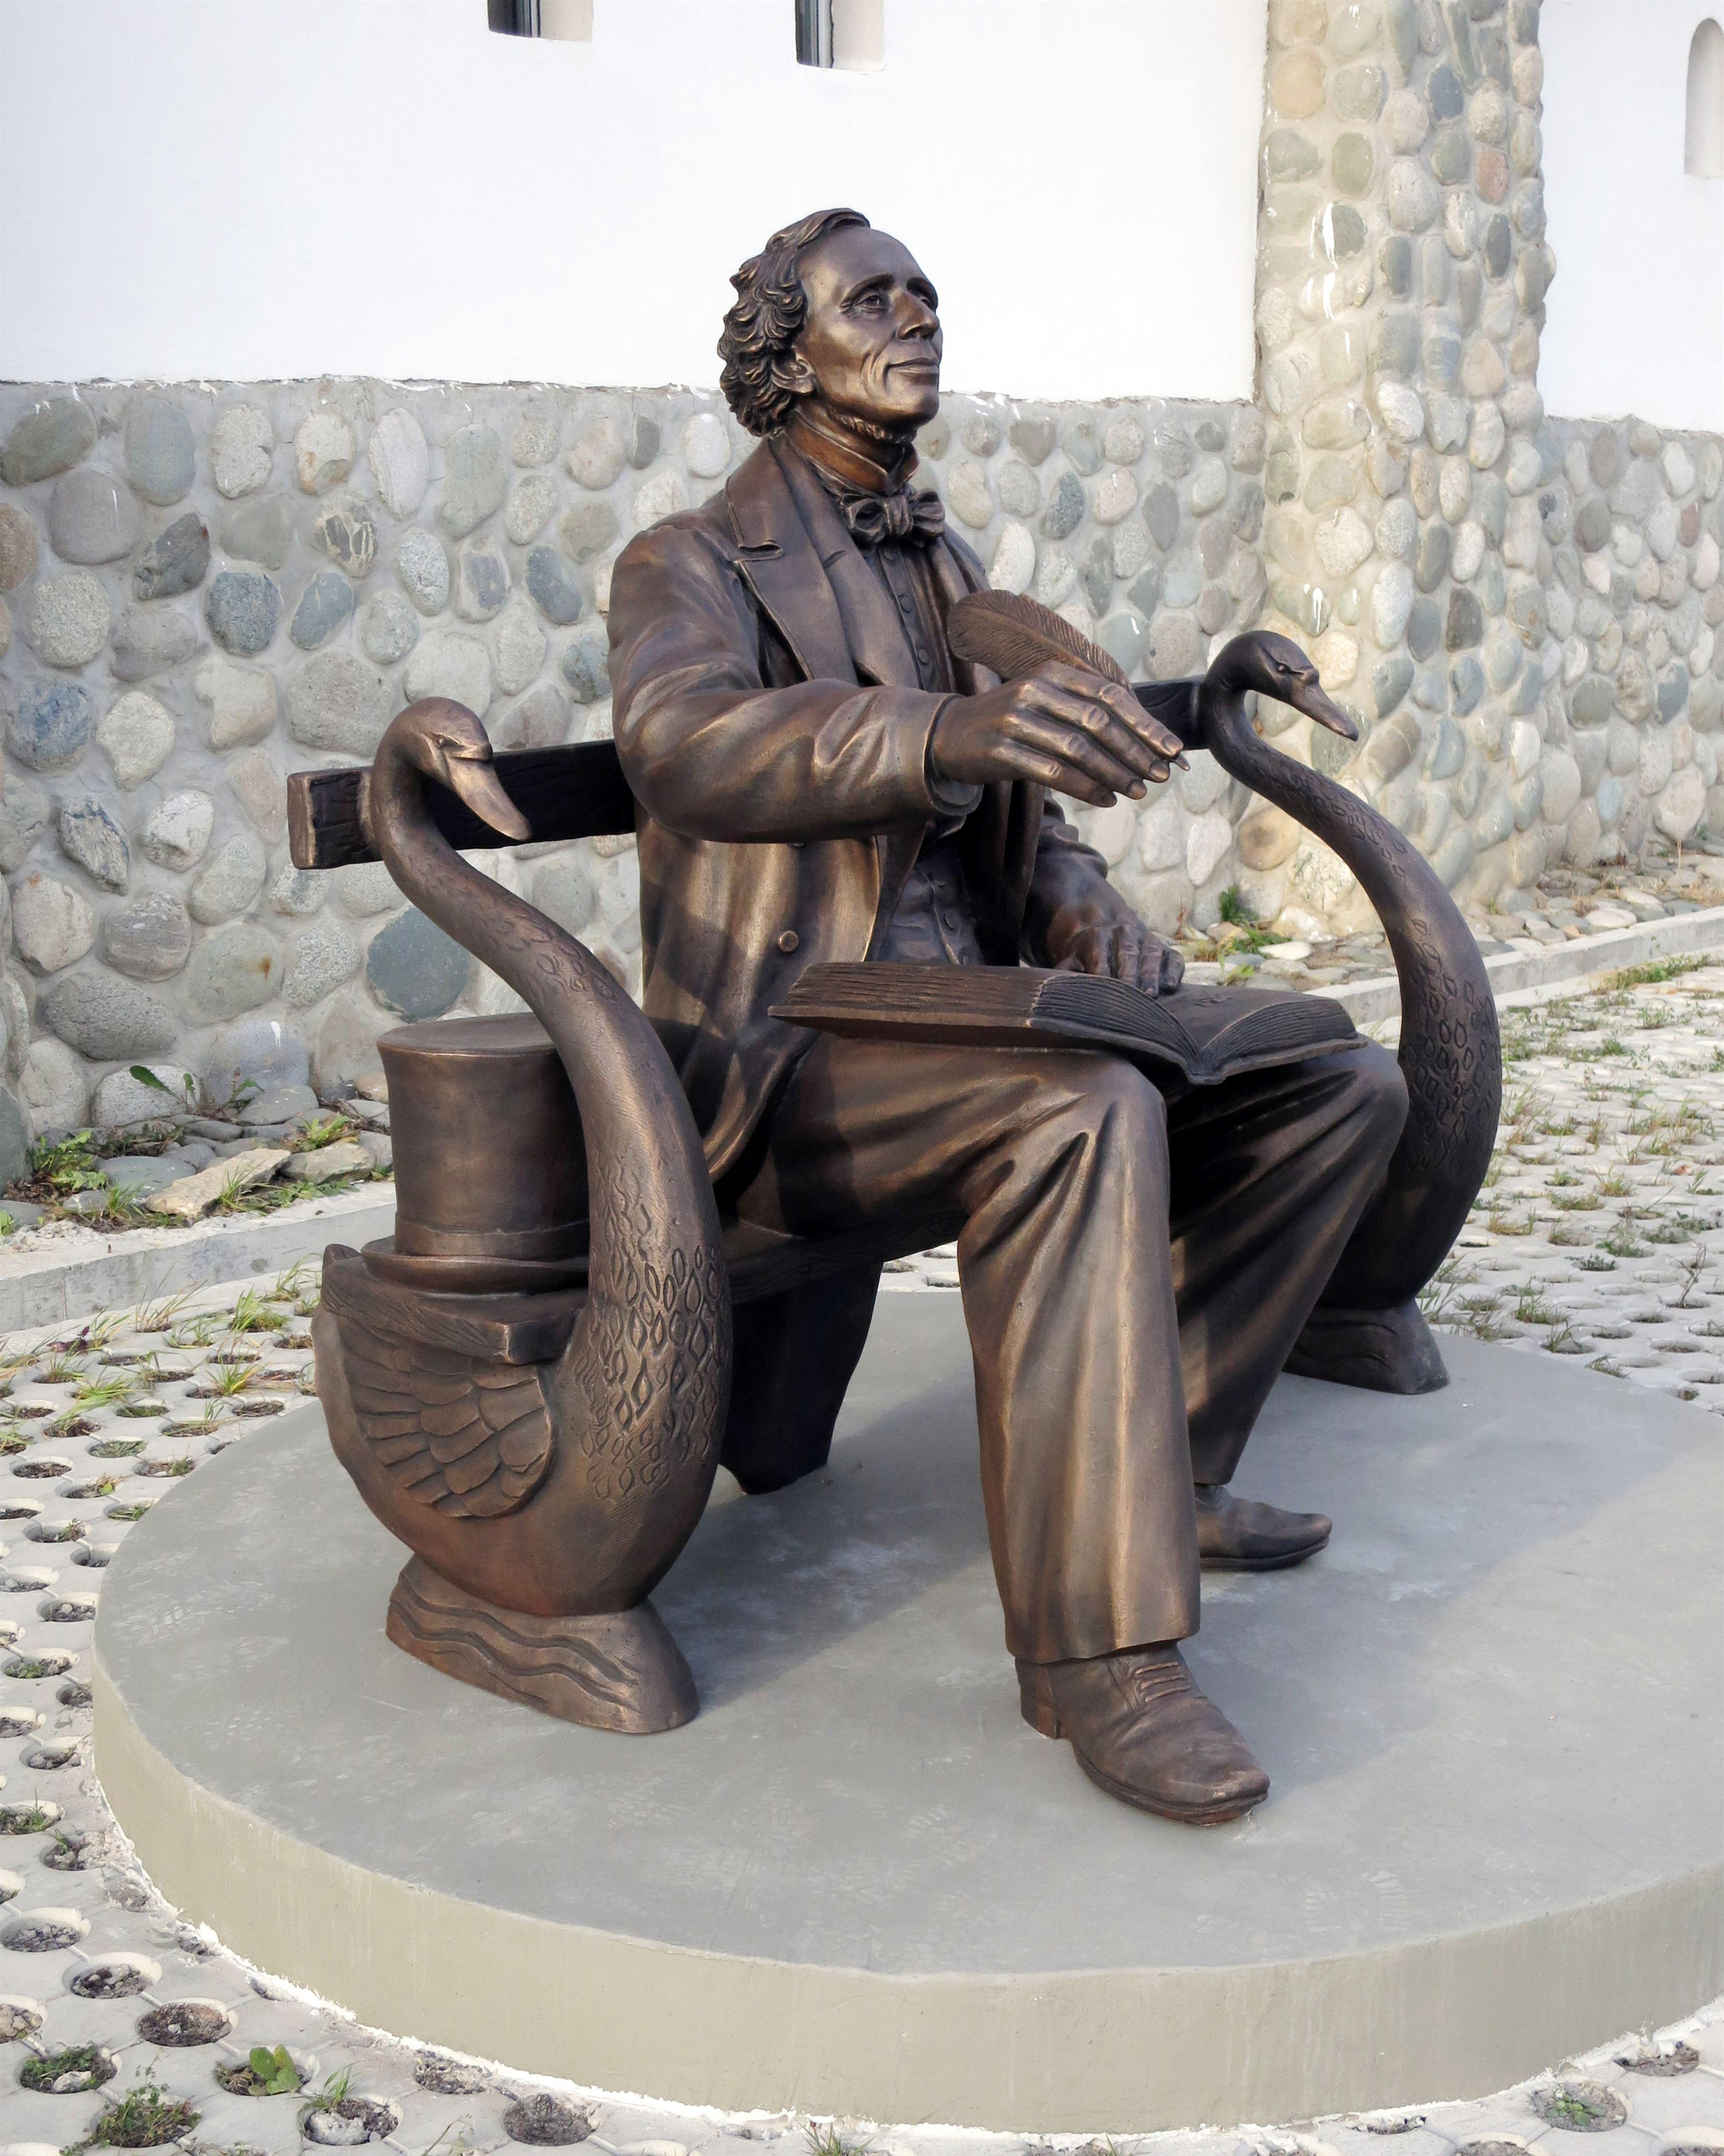 Памятник Х.К. Андерсену на территории Культурно-образовательного центра «Этномир». - 27